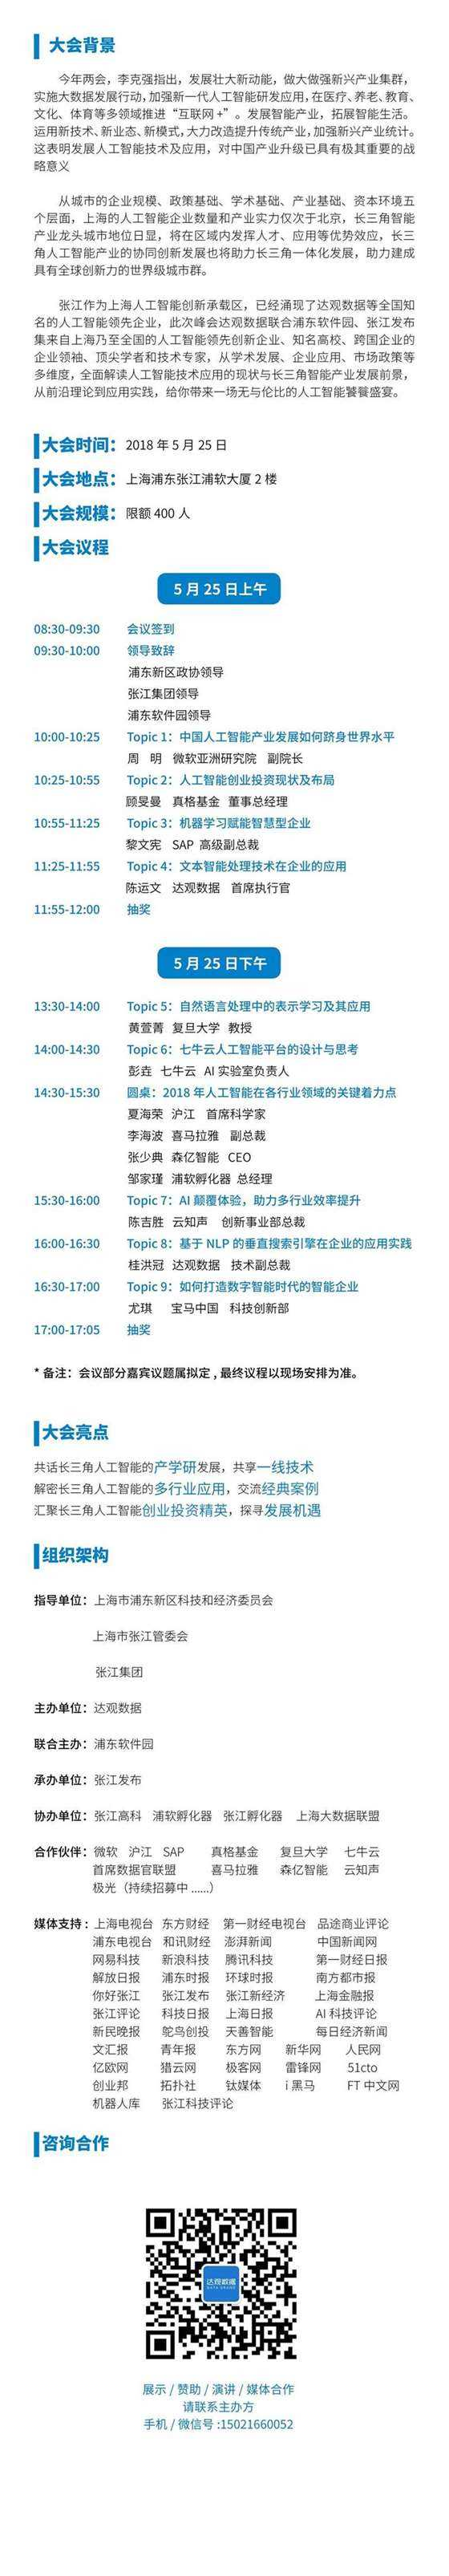 5.25AI上海创未来.jpg